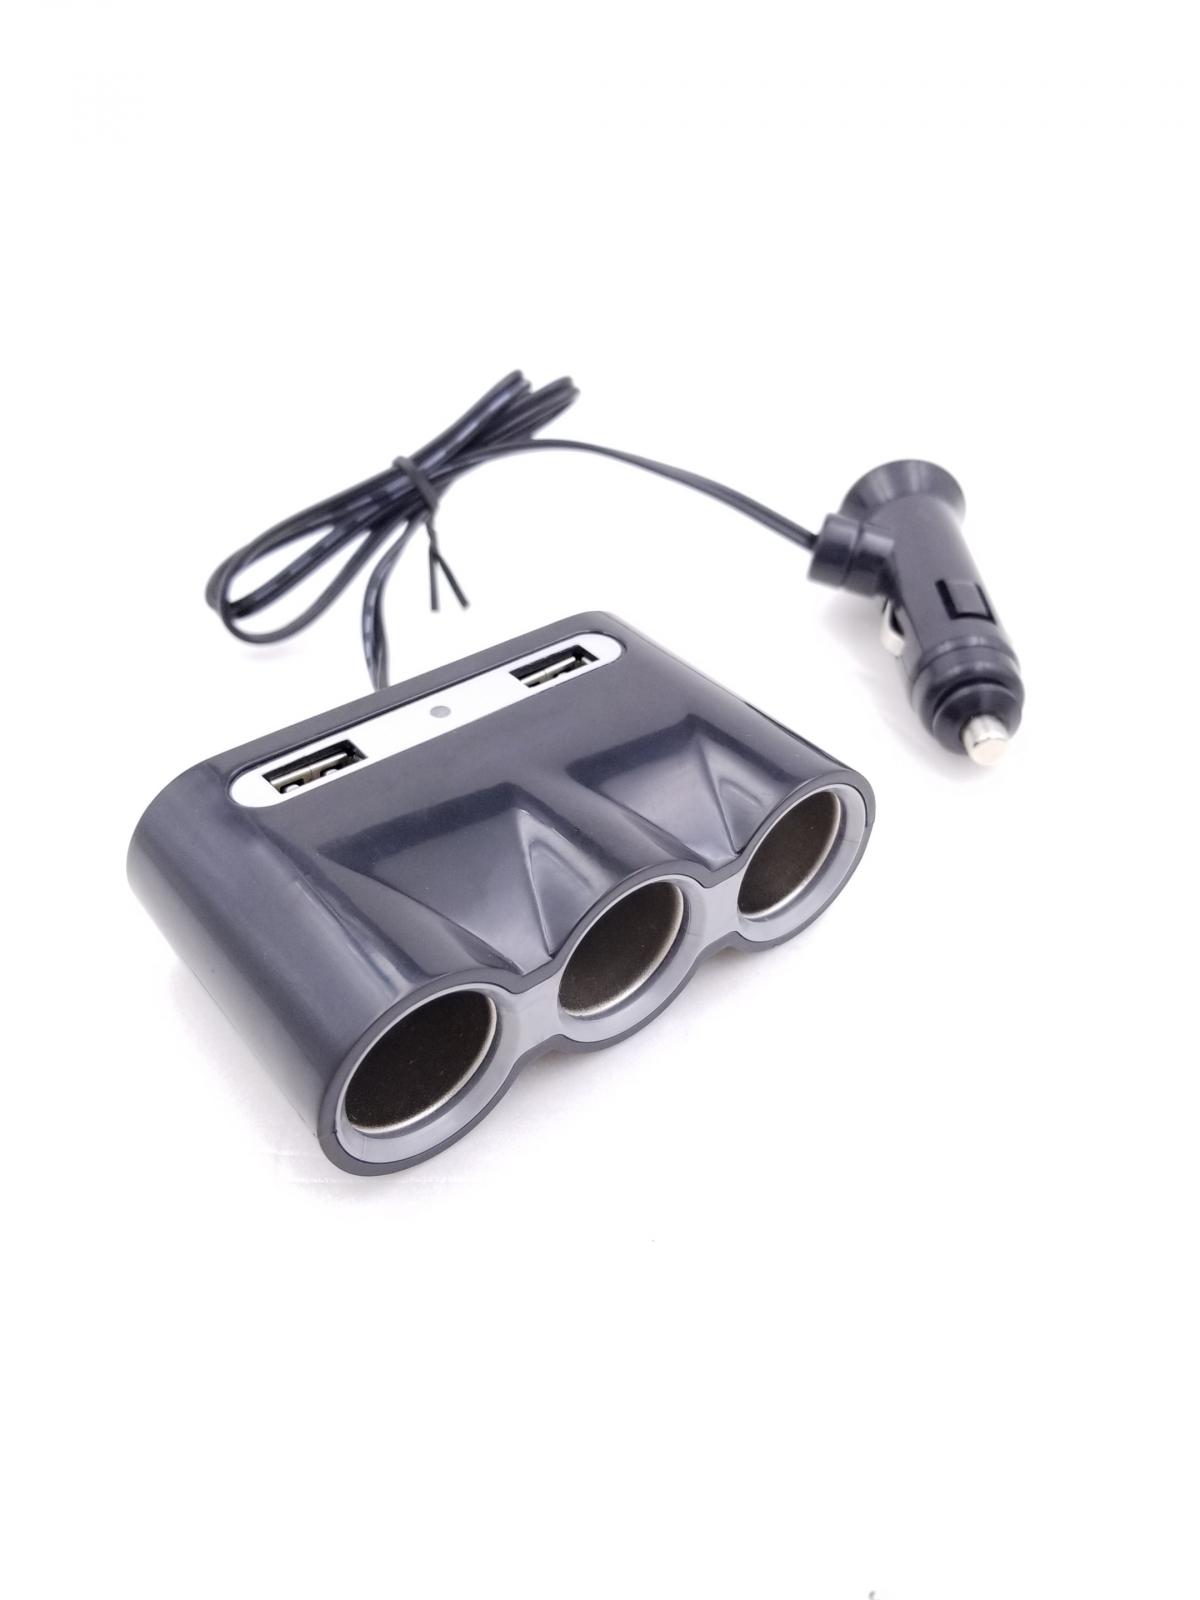 Multiplicator bricheta auto cu 3 iesiri si 2 iesiri USB 5V 3A Well